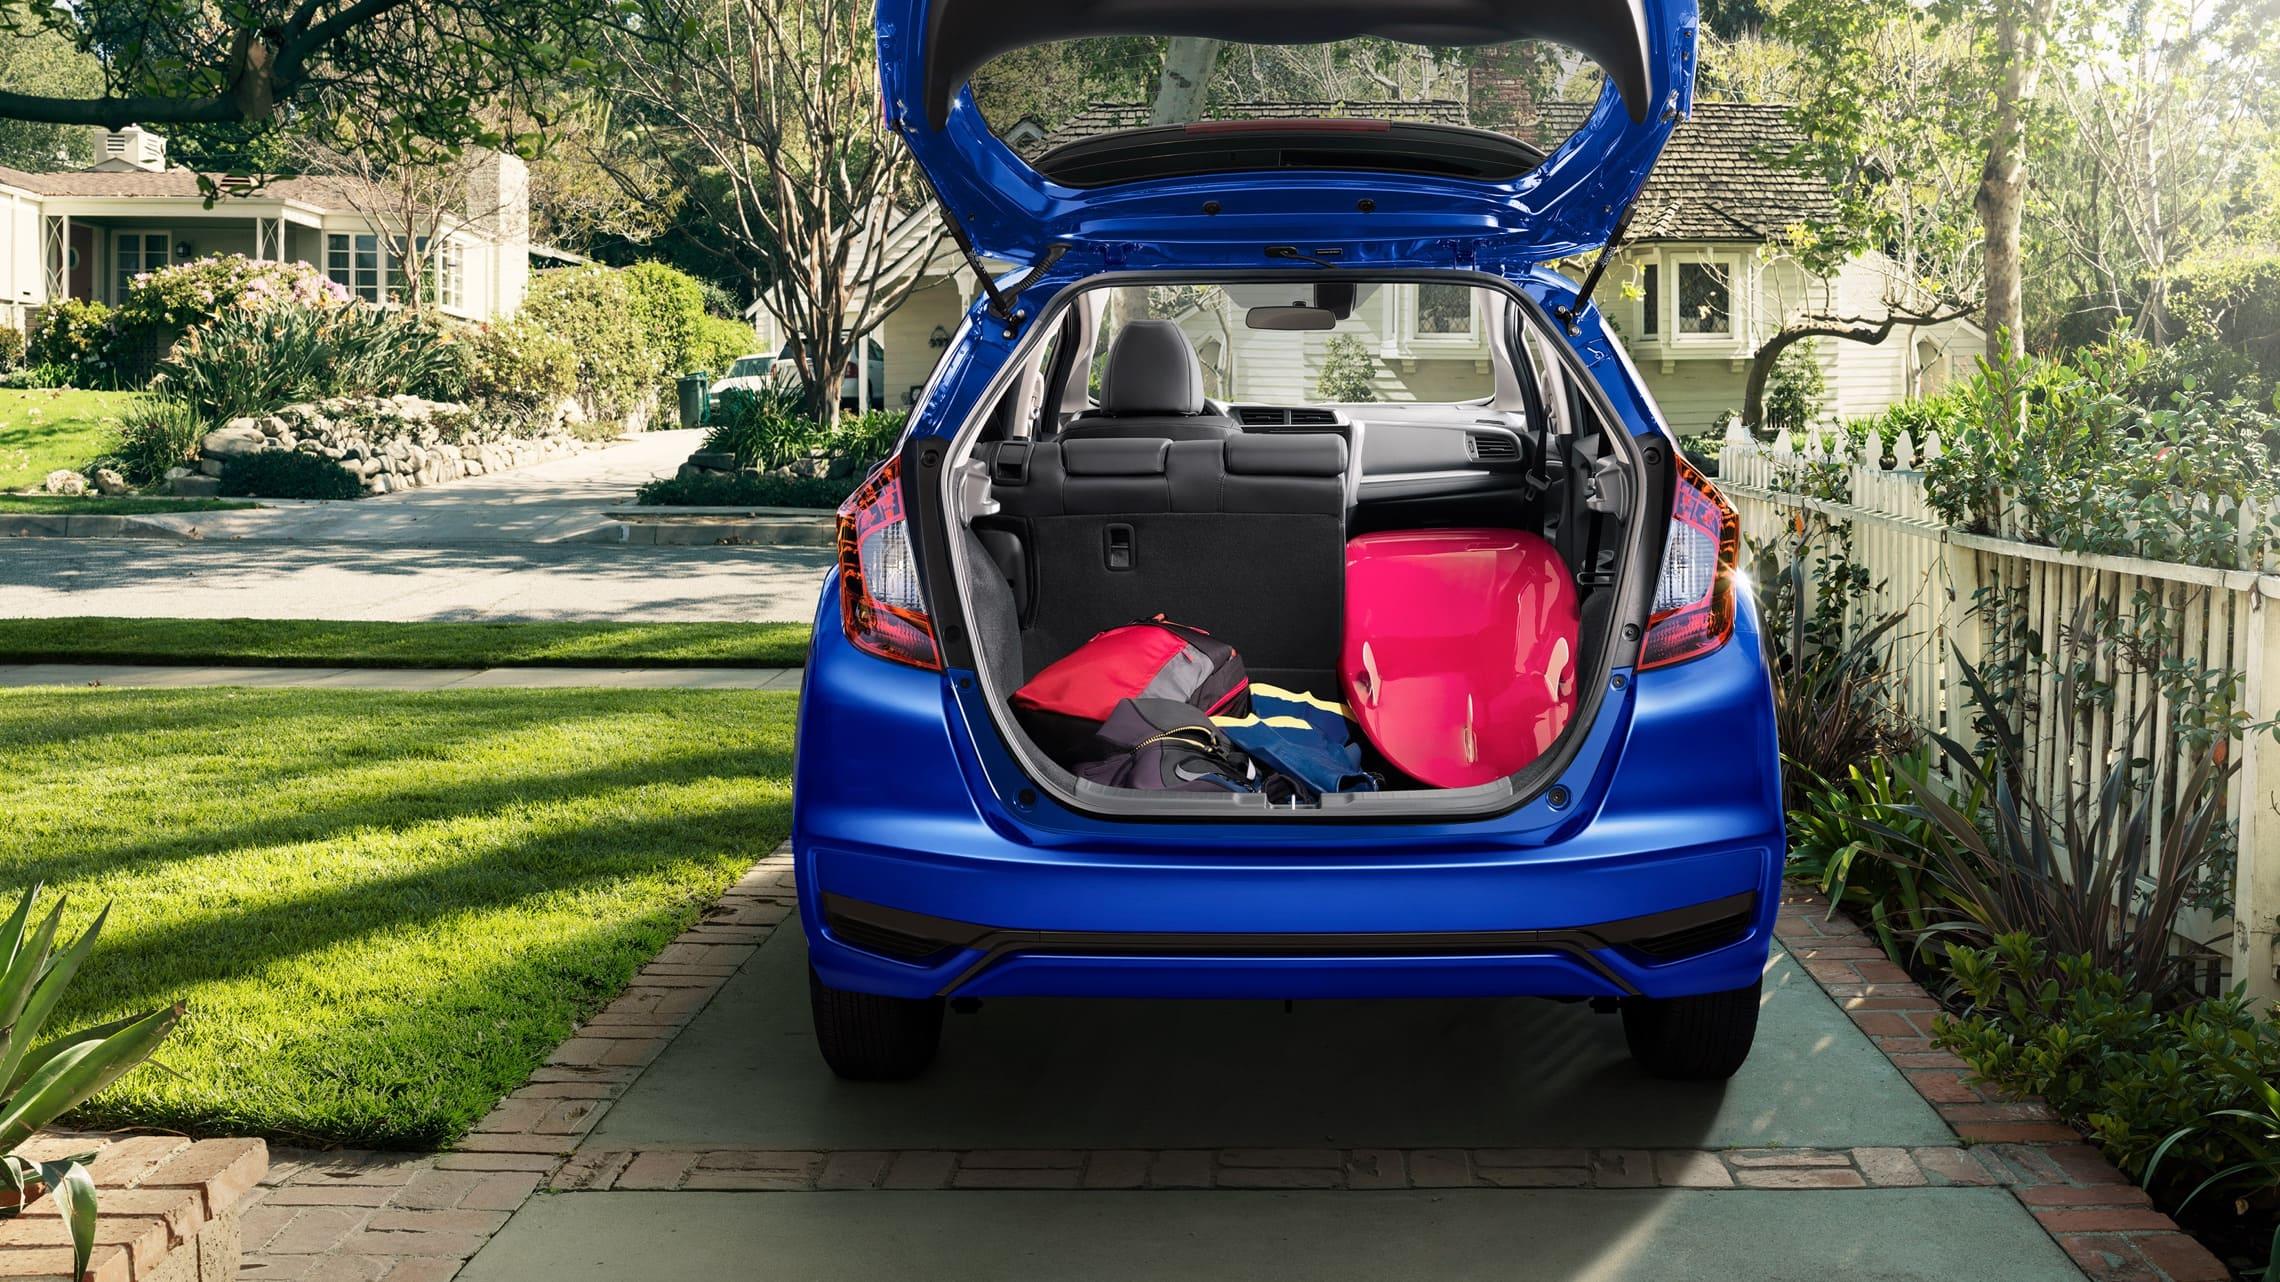 Vista trasera del Honda Fit EX-L2020 en Aegean Blue Metallic con la puerta trasera abierta y una tabla de surf en el área de carga.